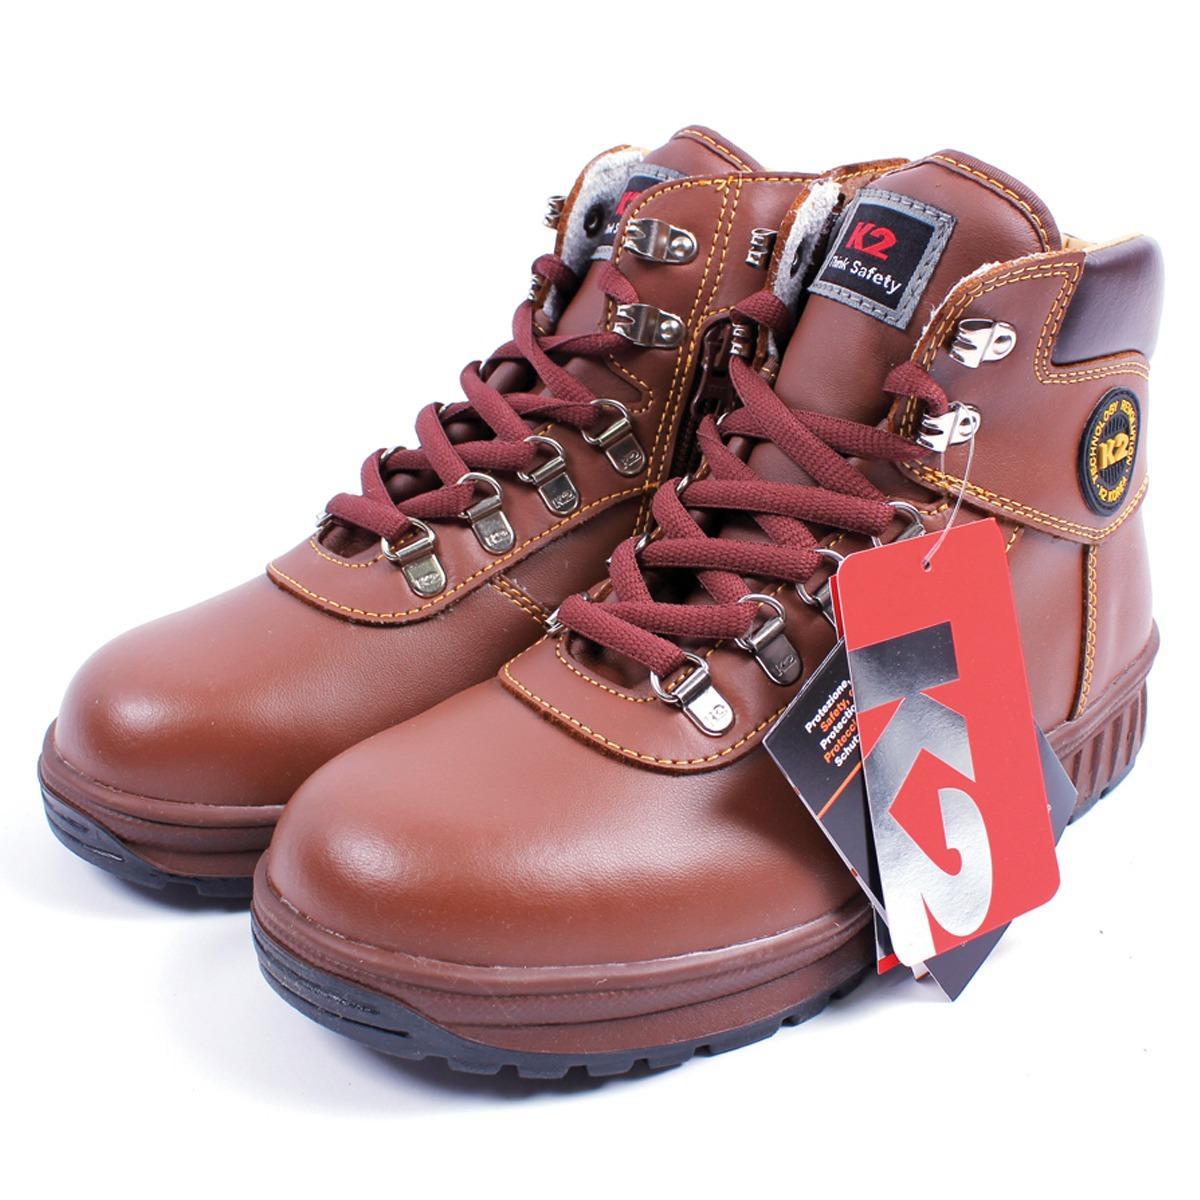 Giày bảo hộ cao cấp K2-14 Hàn Quốc